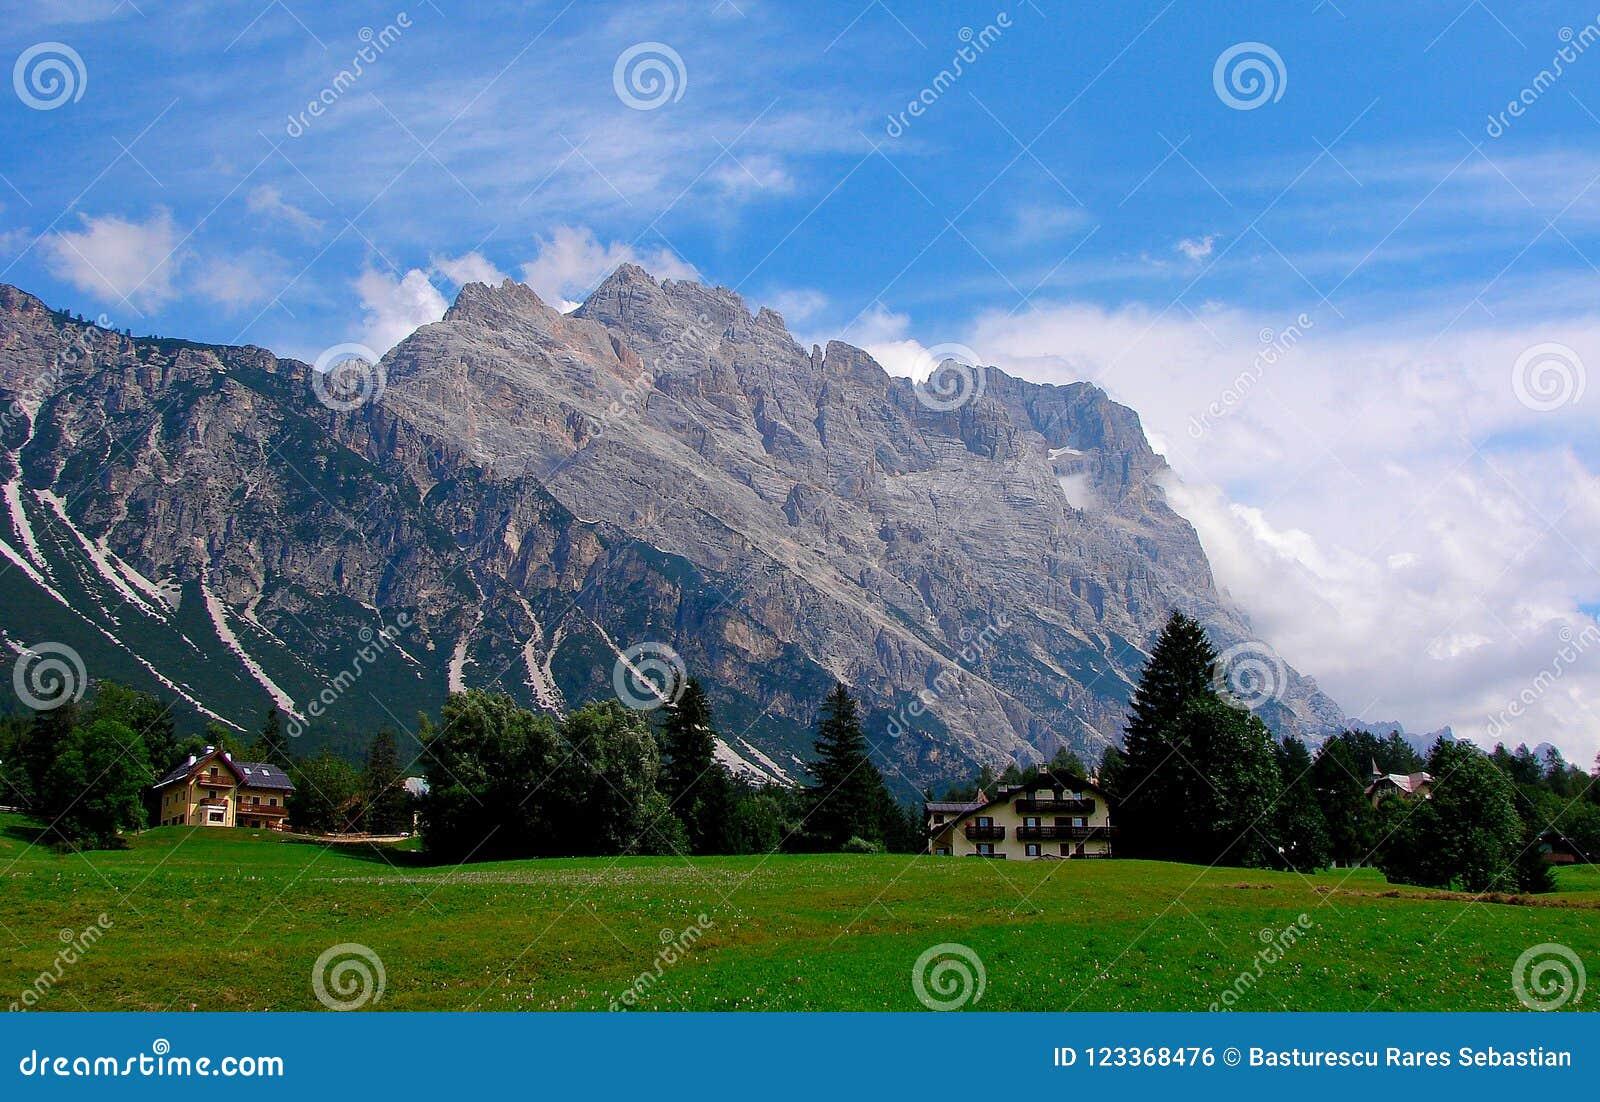 Le ` Ampezzo de Cortina d a de l histoire mille ans et une longue tradition comme destination de touristes : Montagnes de dolomit